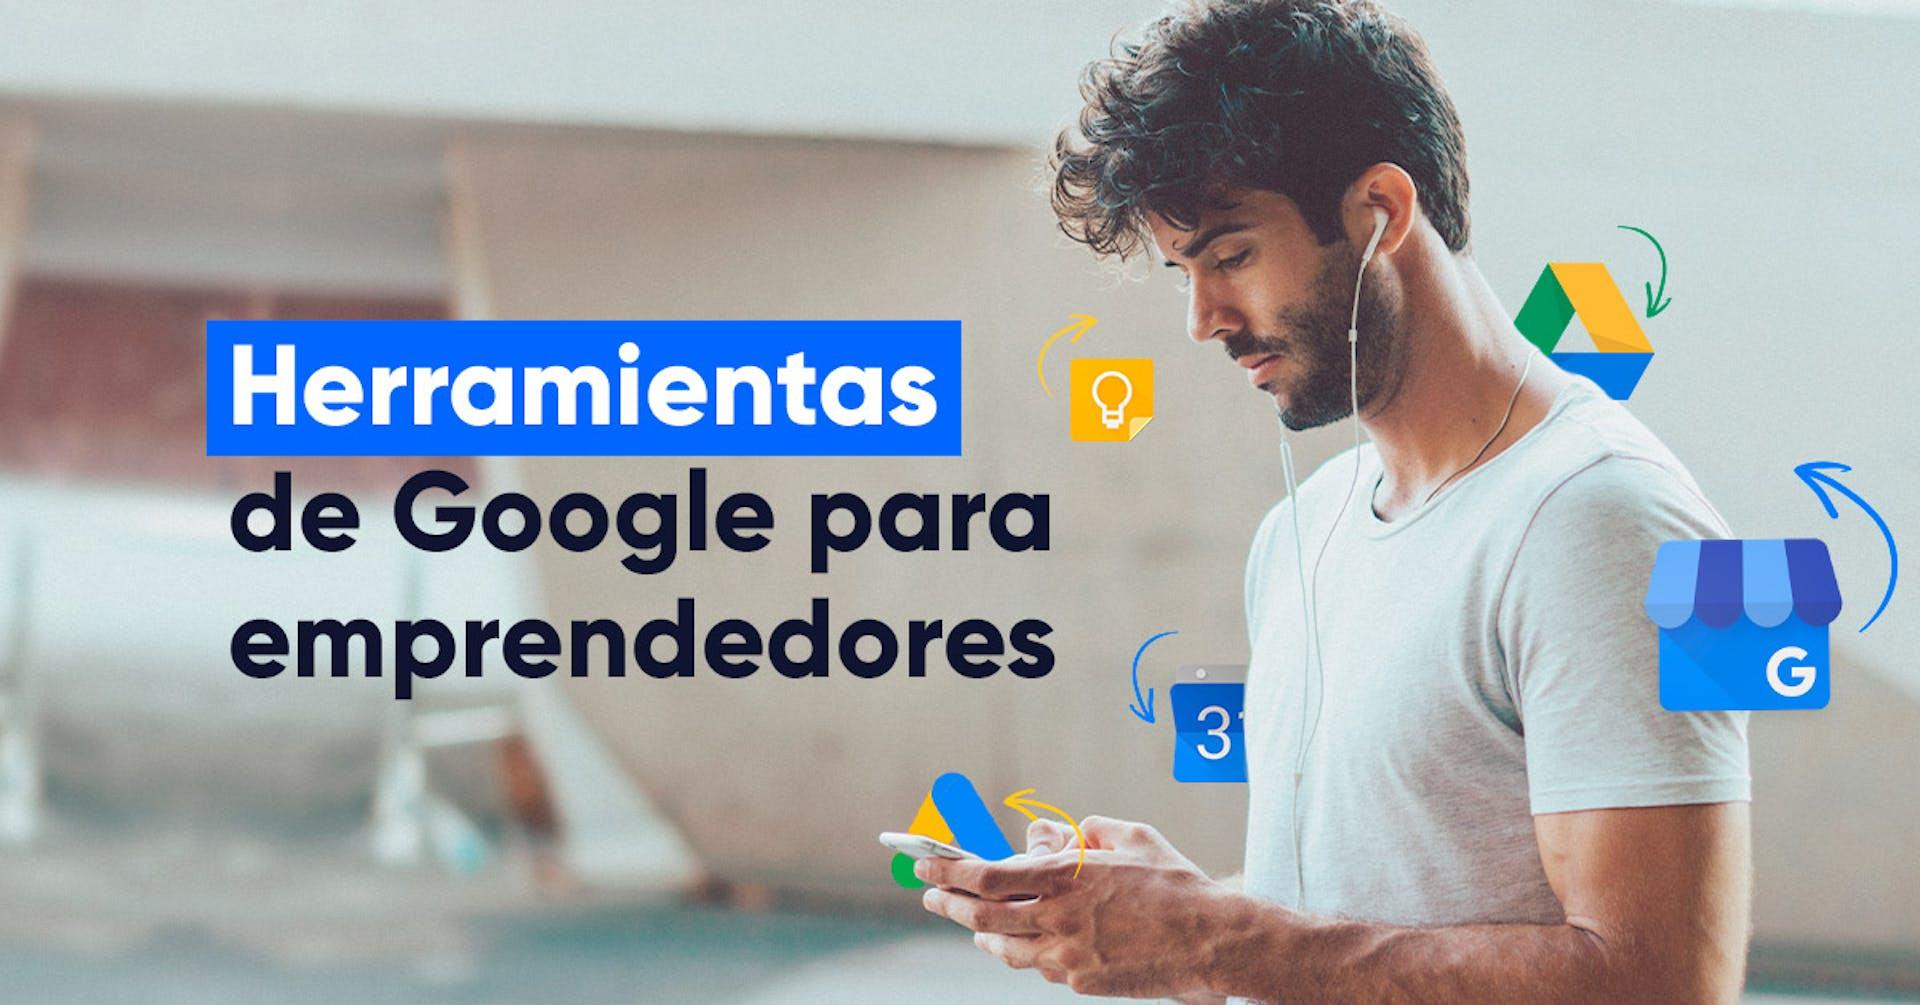 Descubre las herramientas de Google que te ayudarán con tu emprendimiento